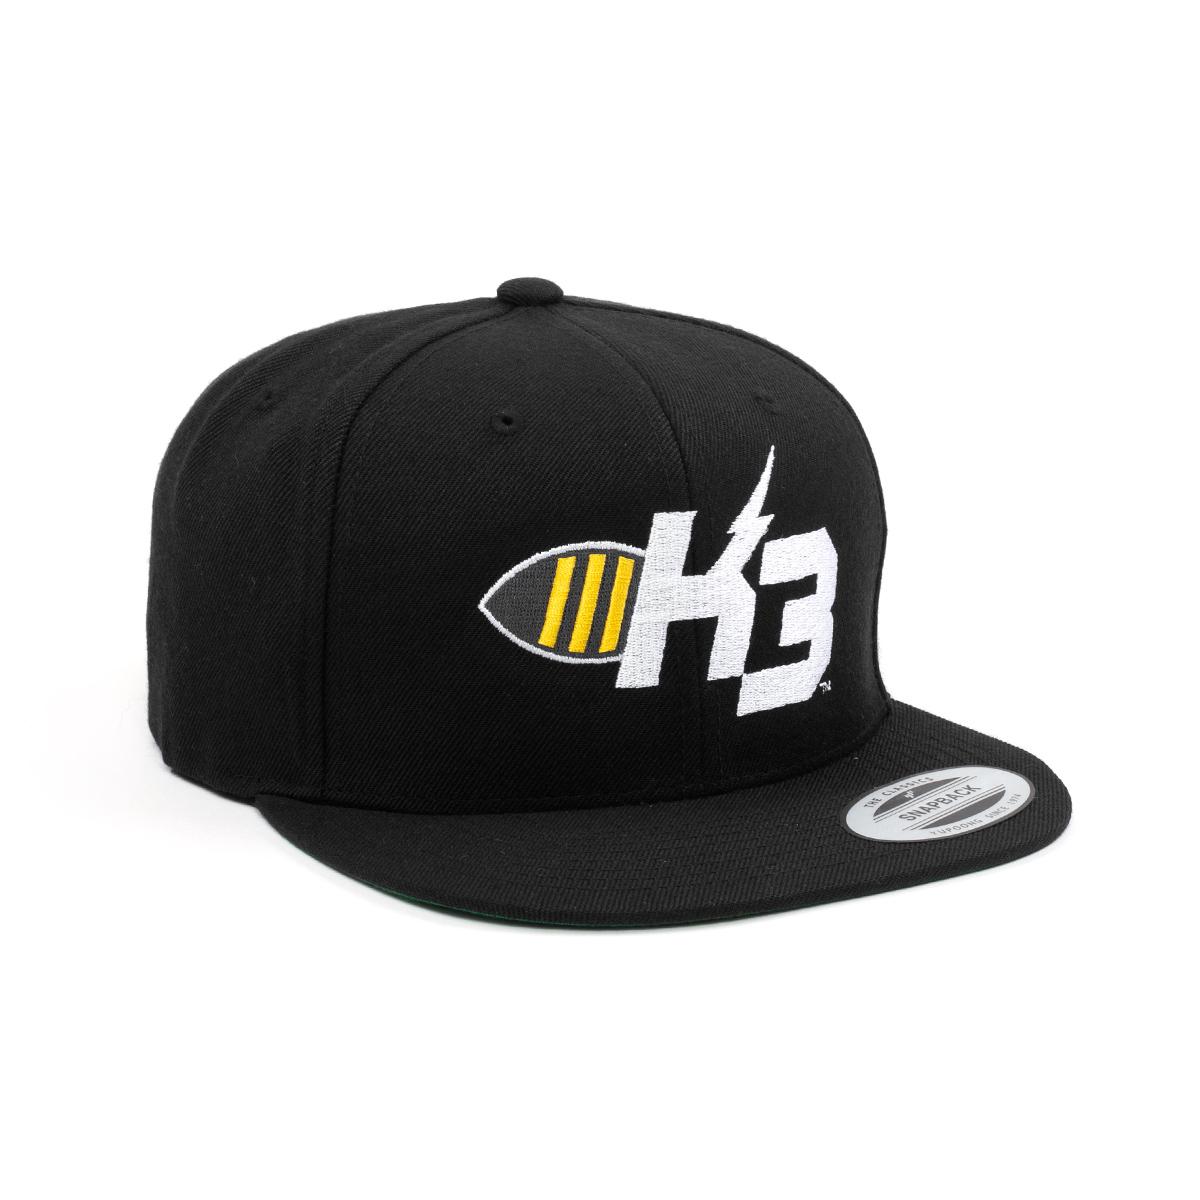 Killer 3's Bee Design Hat